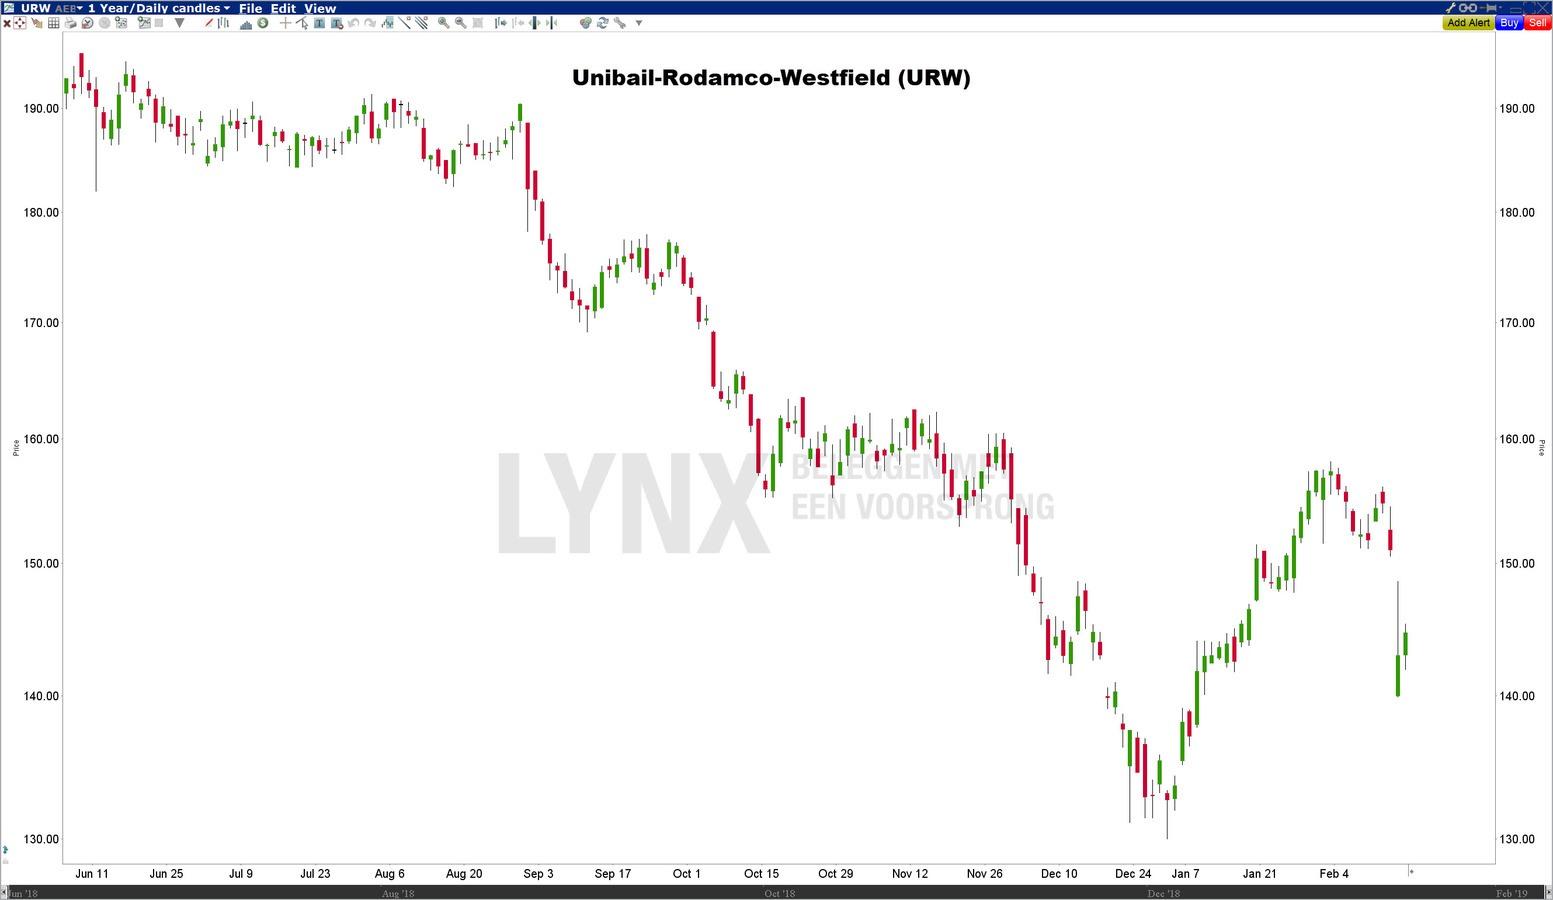 Unibail-Rodamco-Westfield - Beste Europese dividendaandelen